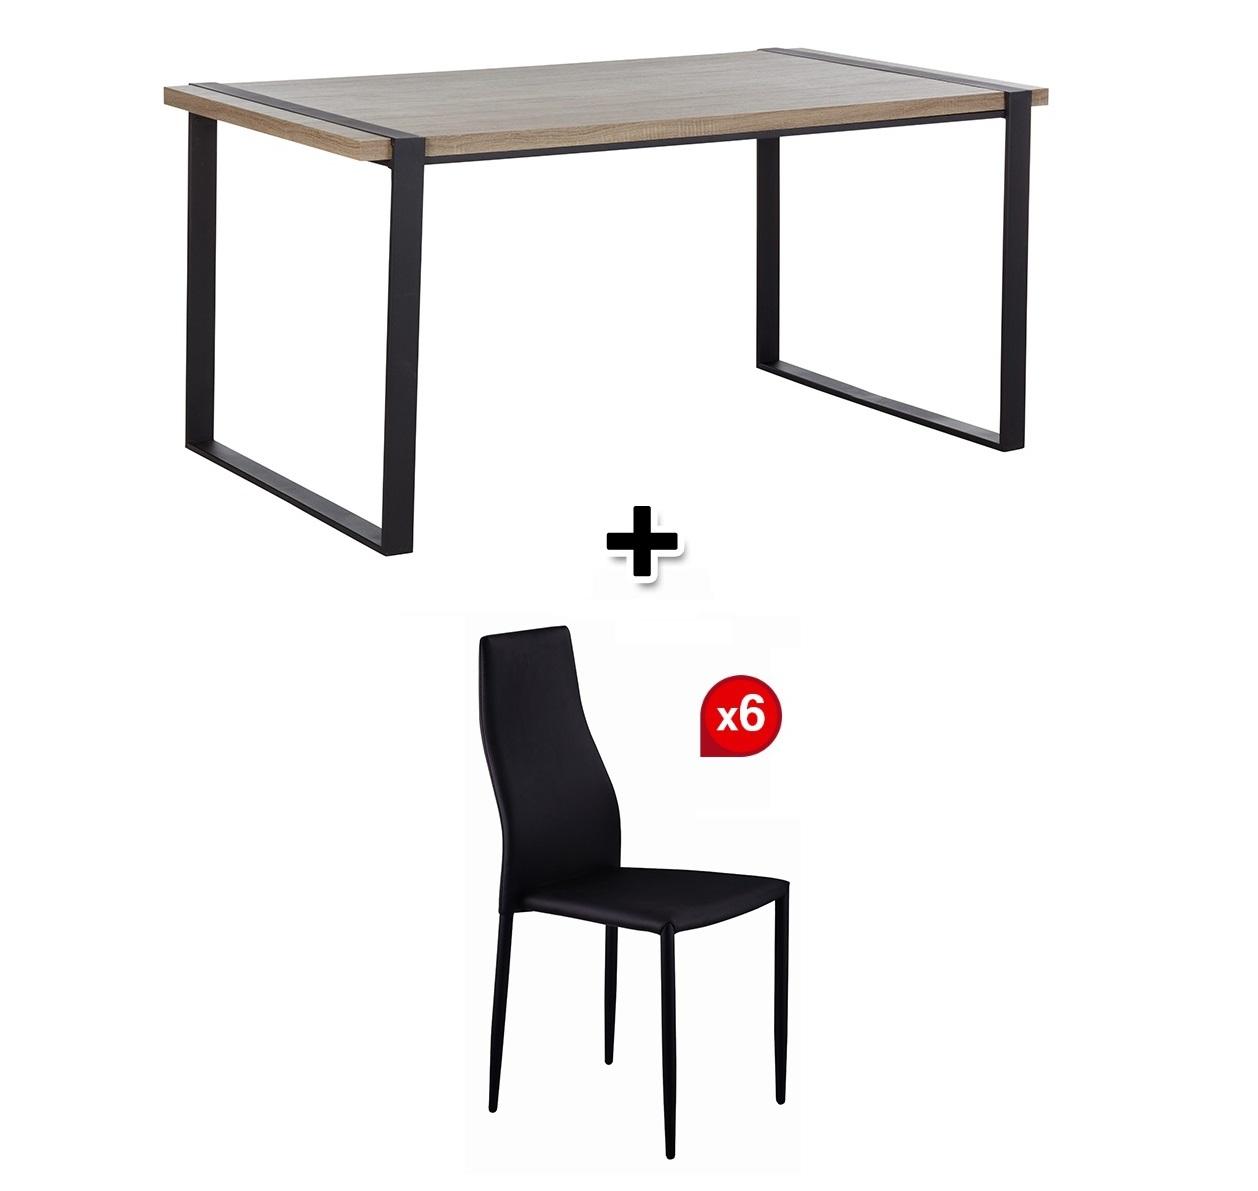 - PARK AVENUE table de s�jour + 6 chaises WENDY noires